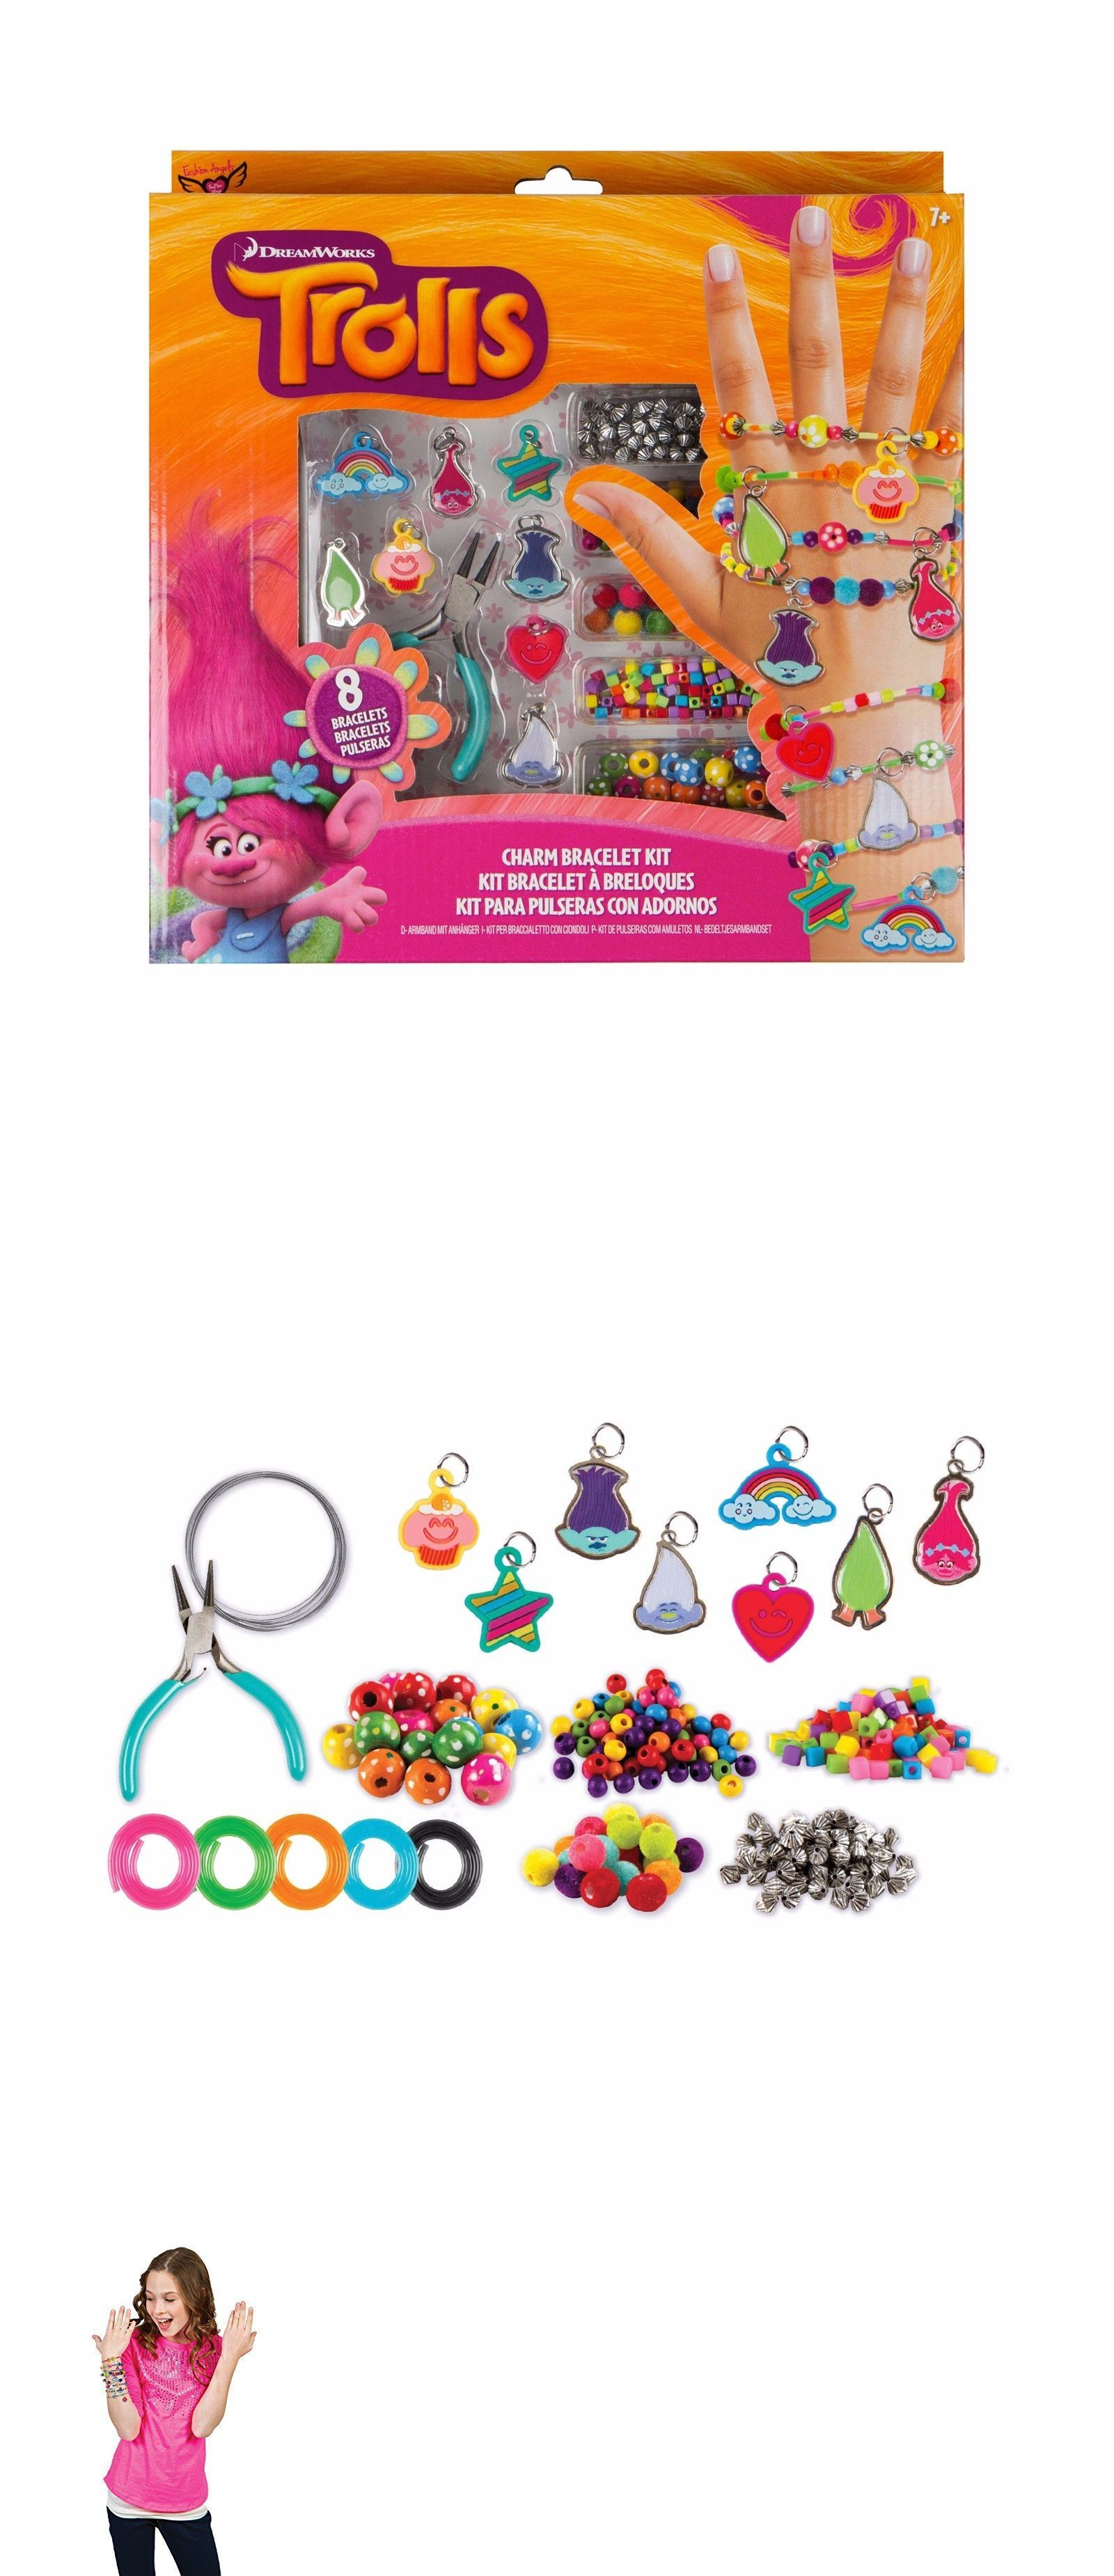 Bracelets trolls charm bracelet kit christmas gift for girls